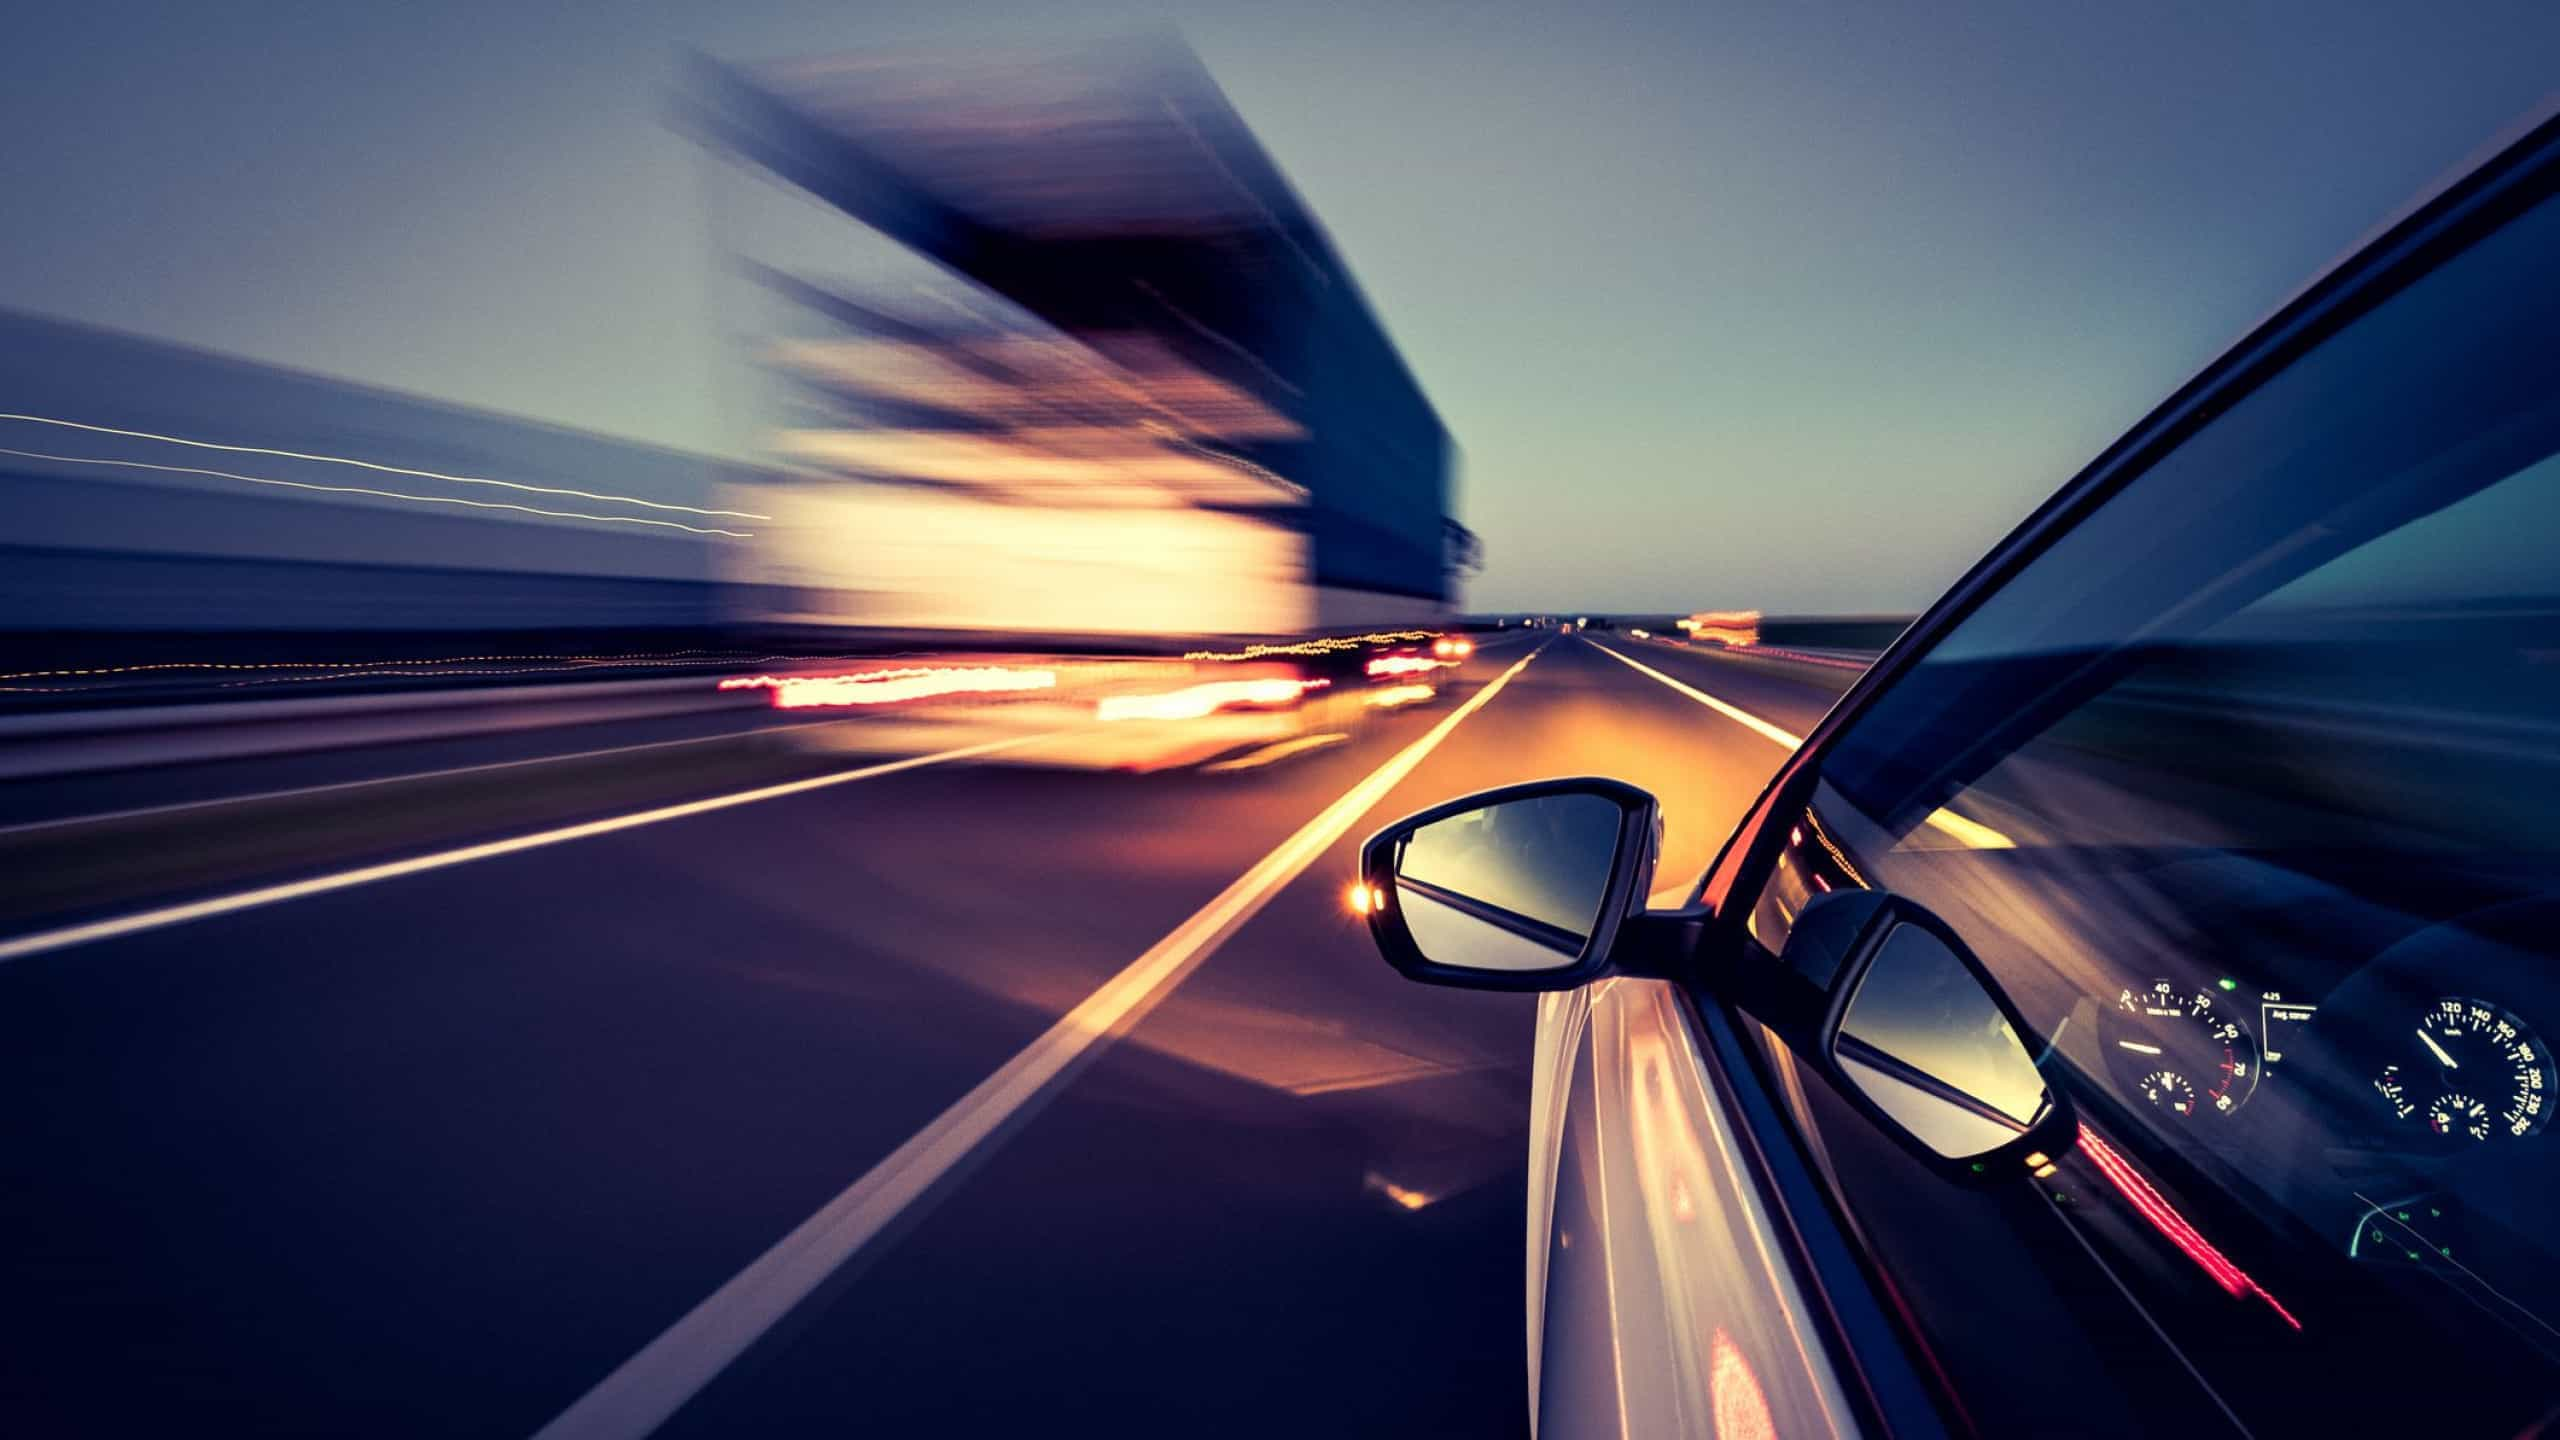 Novas tecnologias de segurança rodoviária serão obrigatórias em 2022